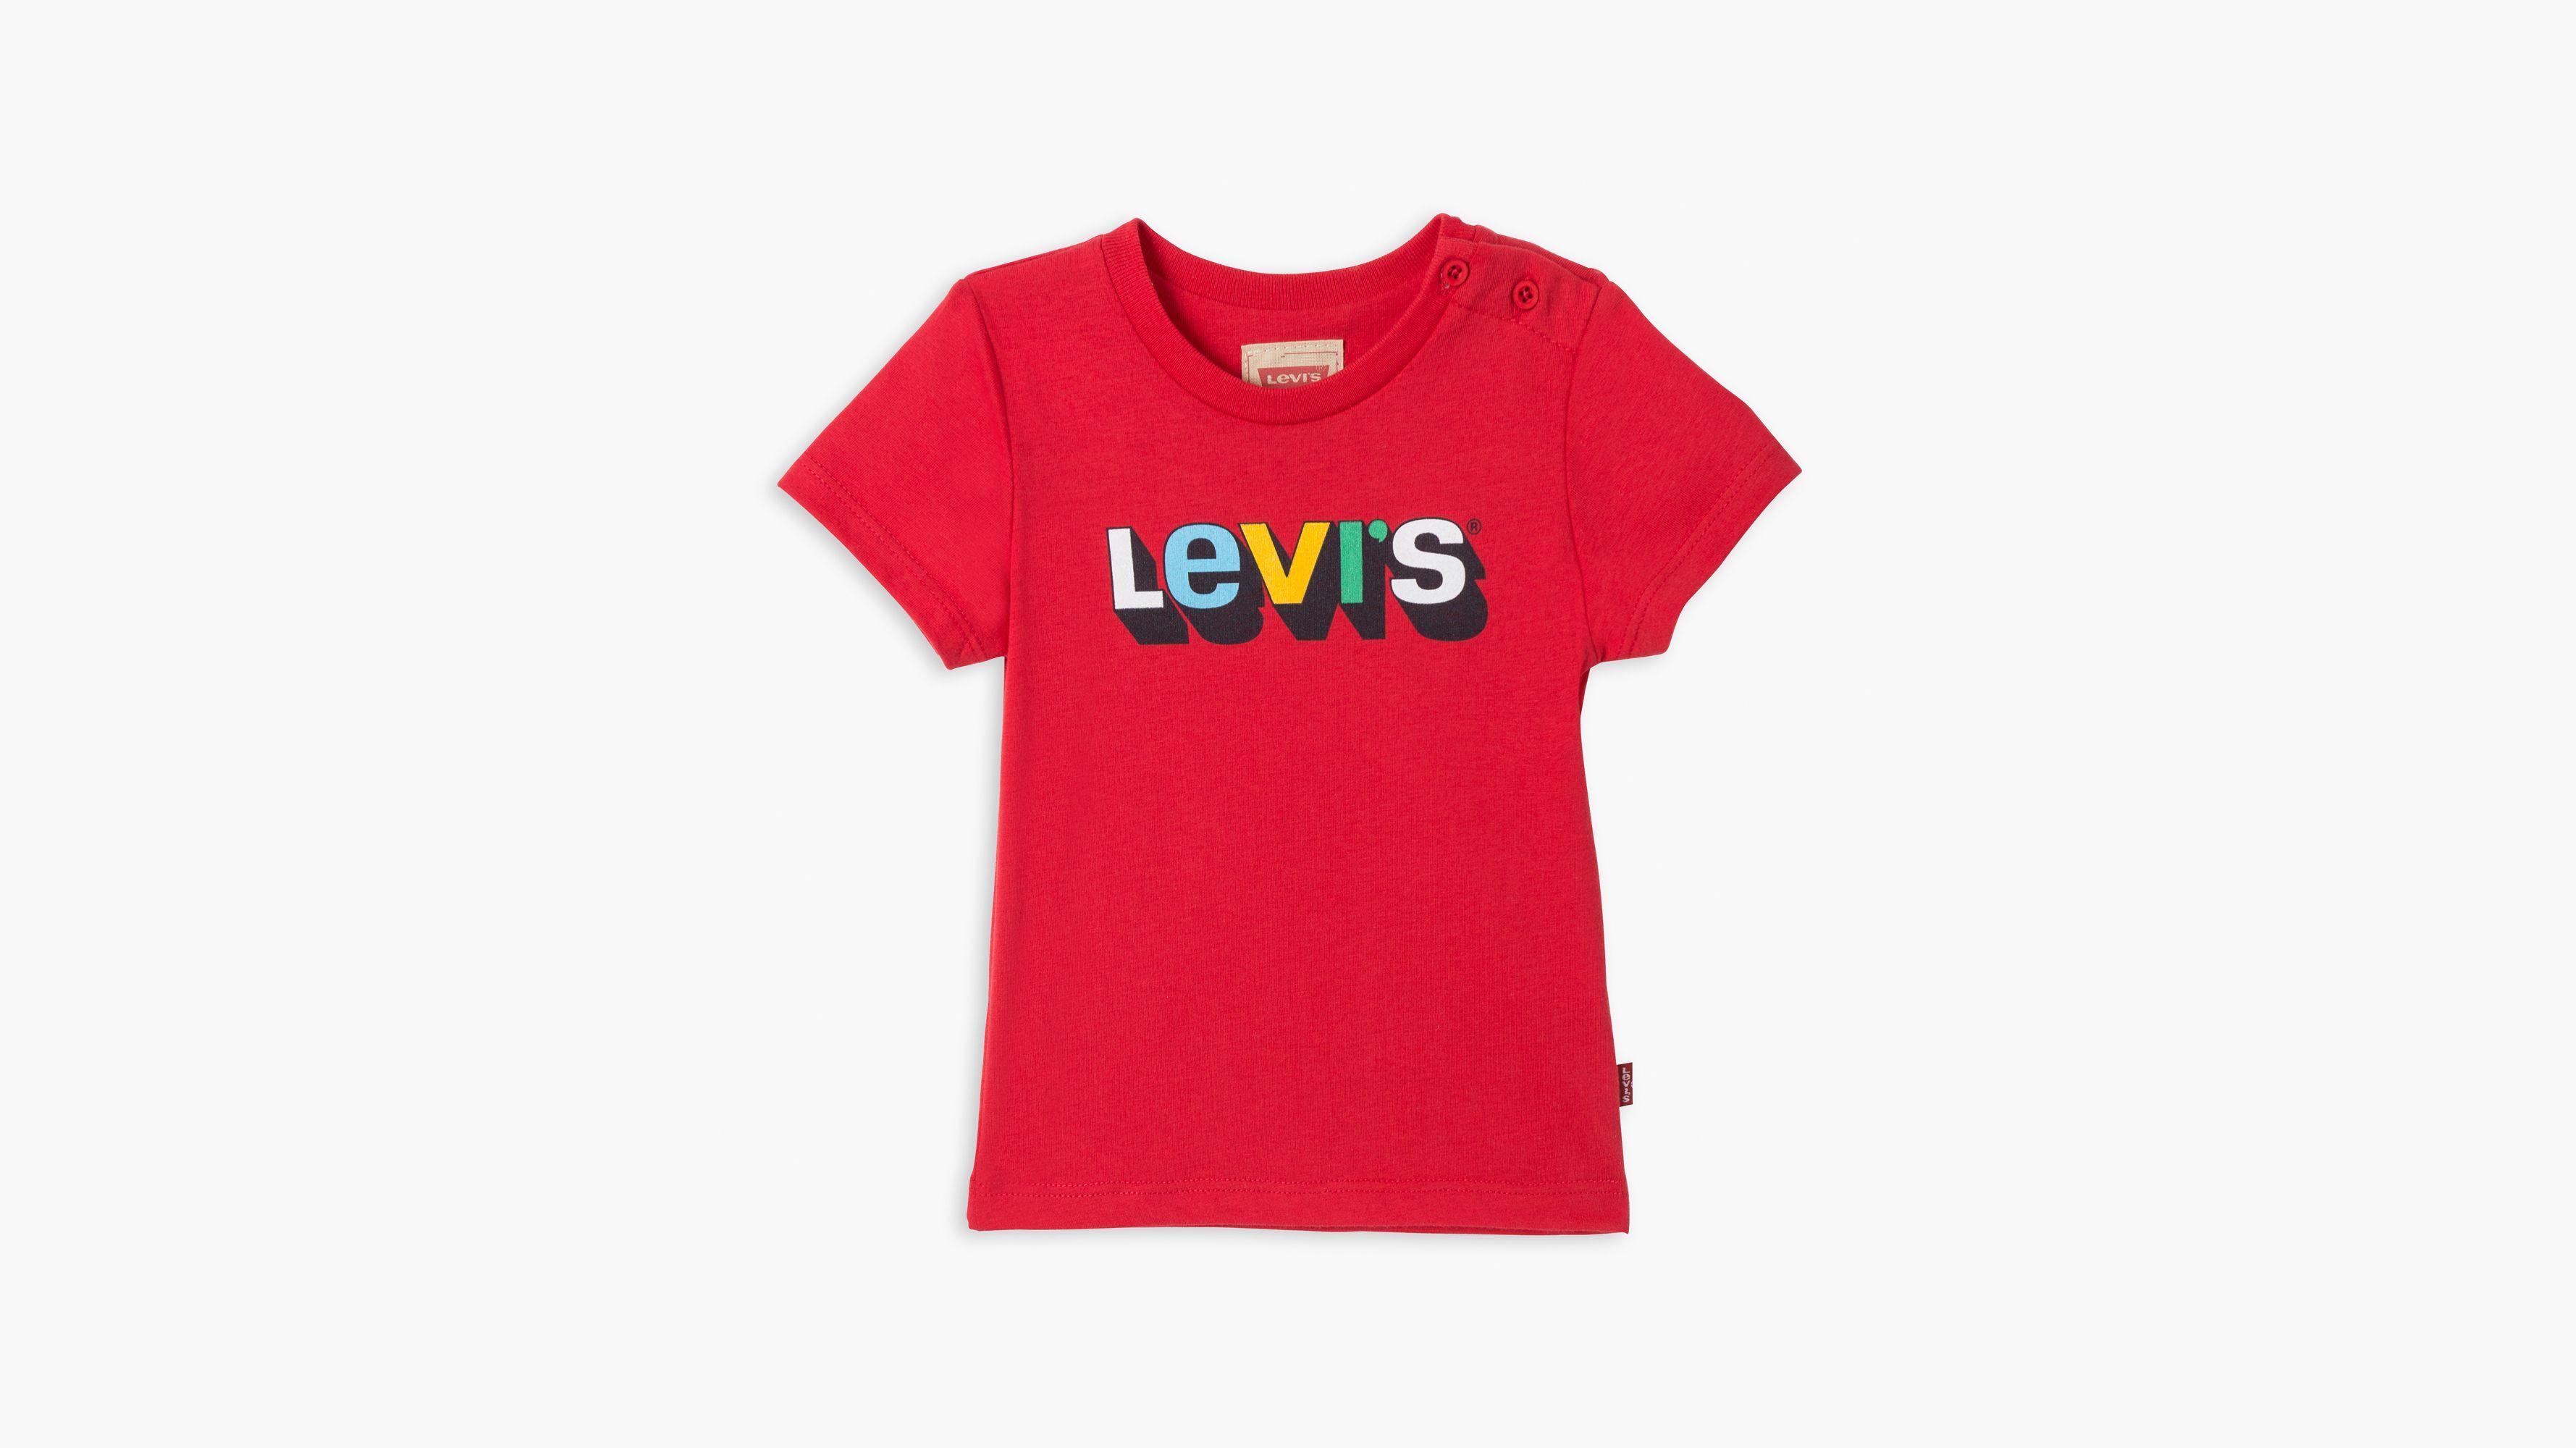 Bambino Levi s® Abbigliamento It Levi s® Abbigliamento Abbigliamento  Levi s® Bambino It Bambino 1RUUaxw 53b358ac1e6